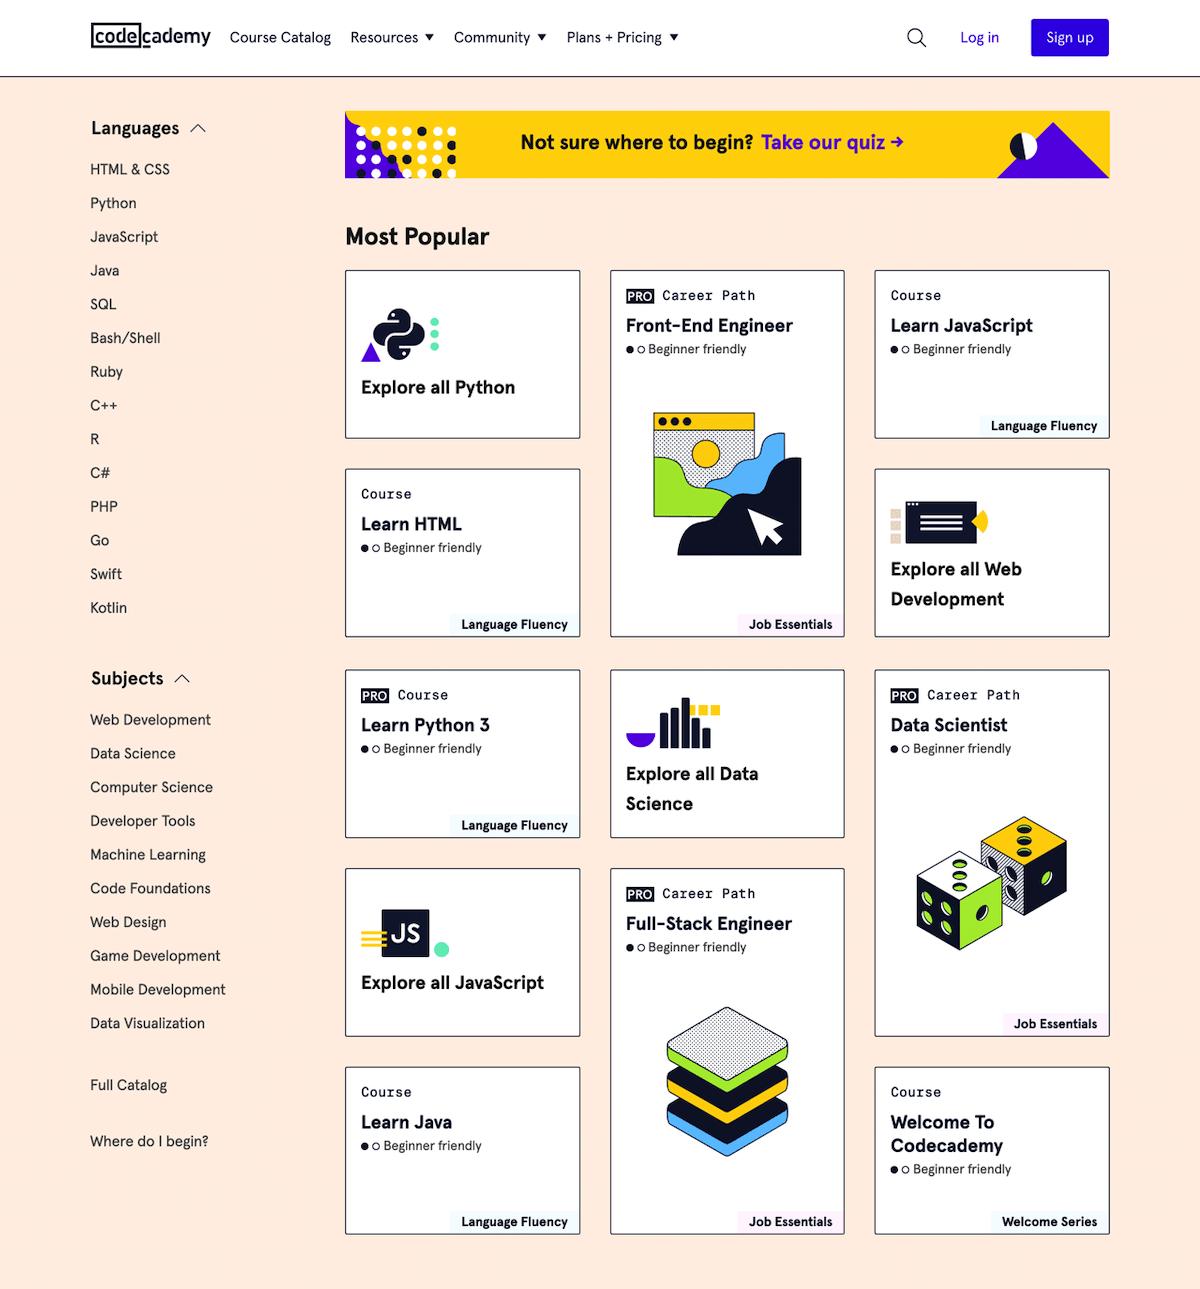 cours en ligne gratuit pour apprendre à coder et développer en HTML, CSS, javascript